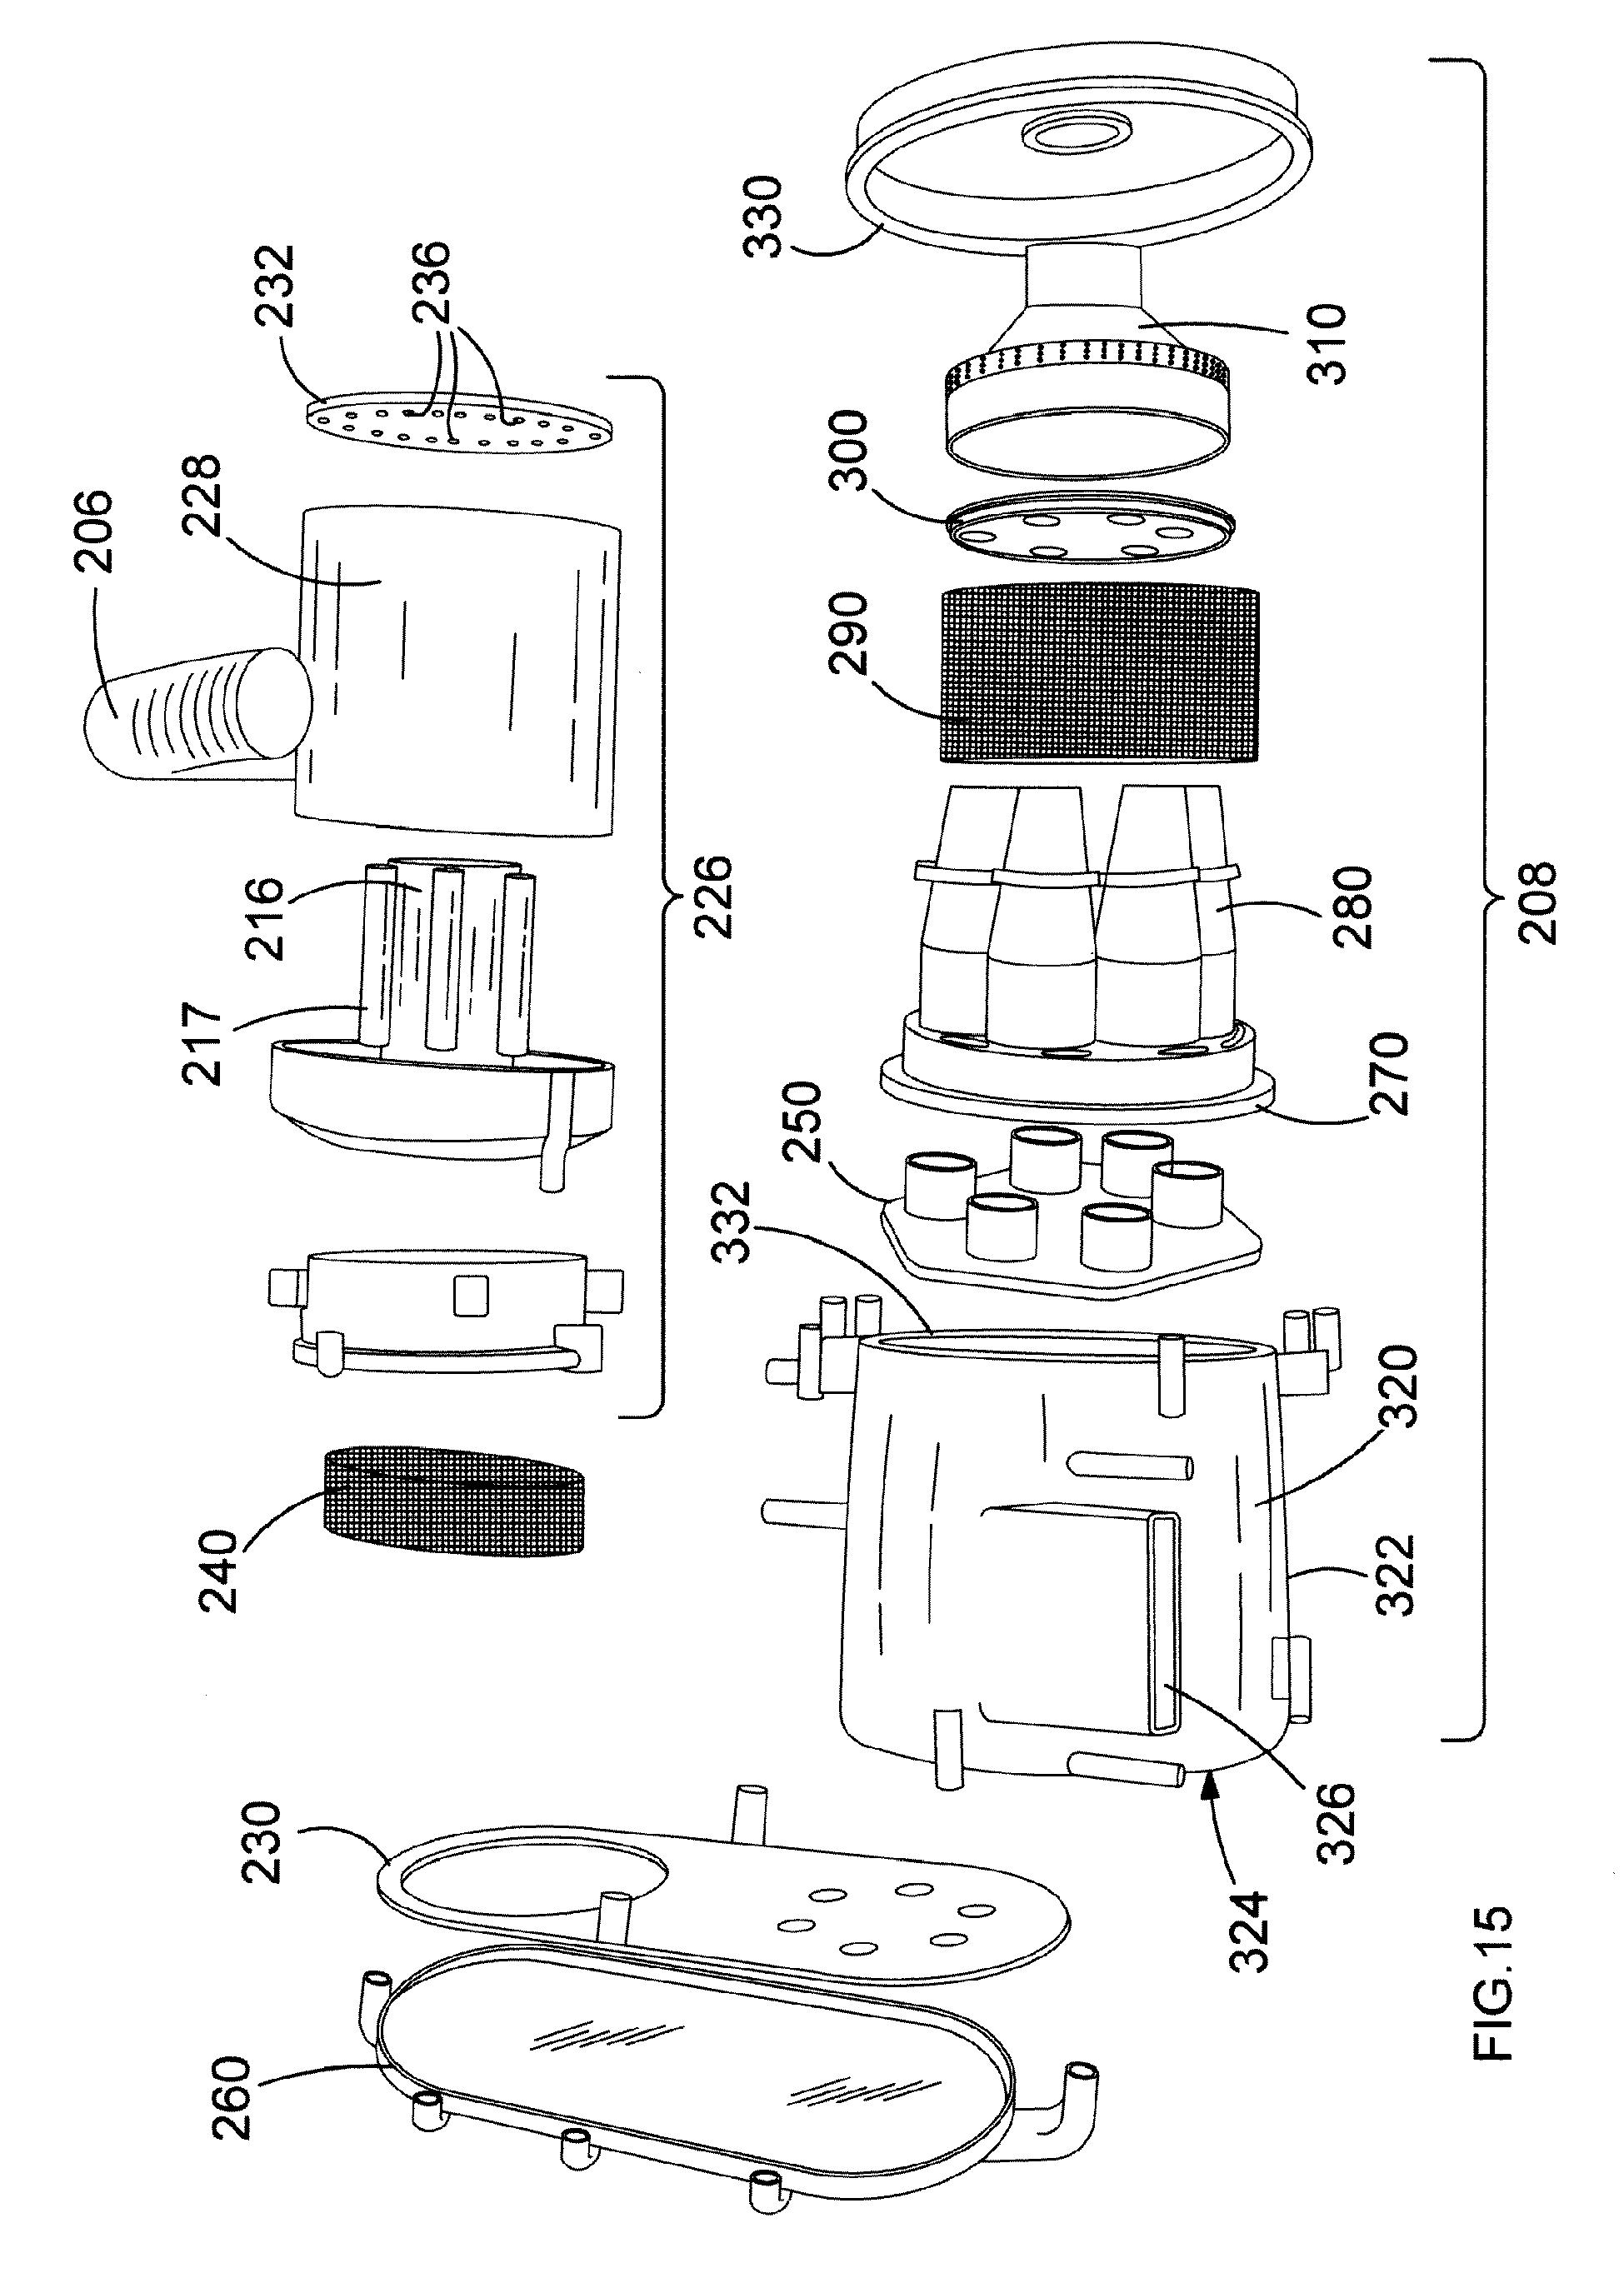 专利ep2581011a1 - a hand-holdable